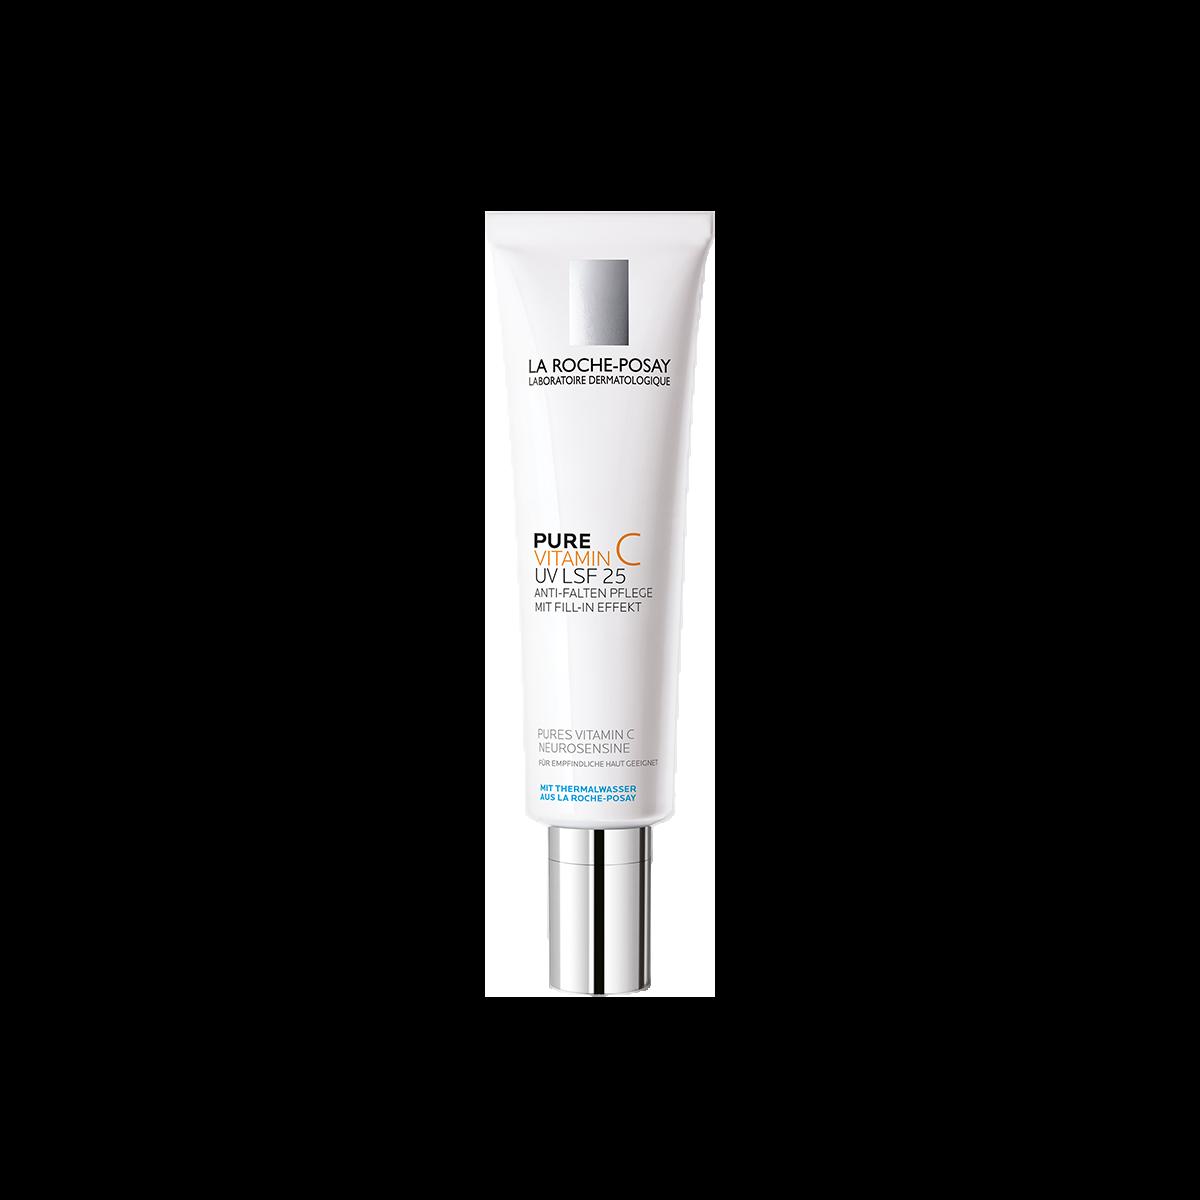 LaRoche Posay ProductPage Pure_Vitamin_C__LSF_25